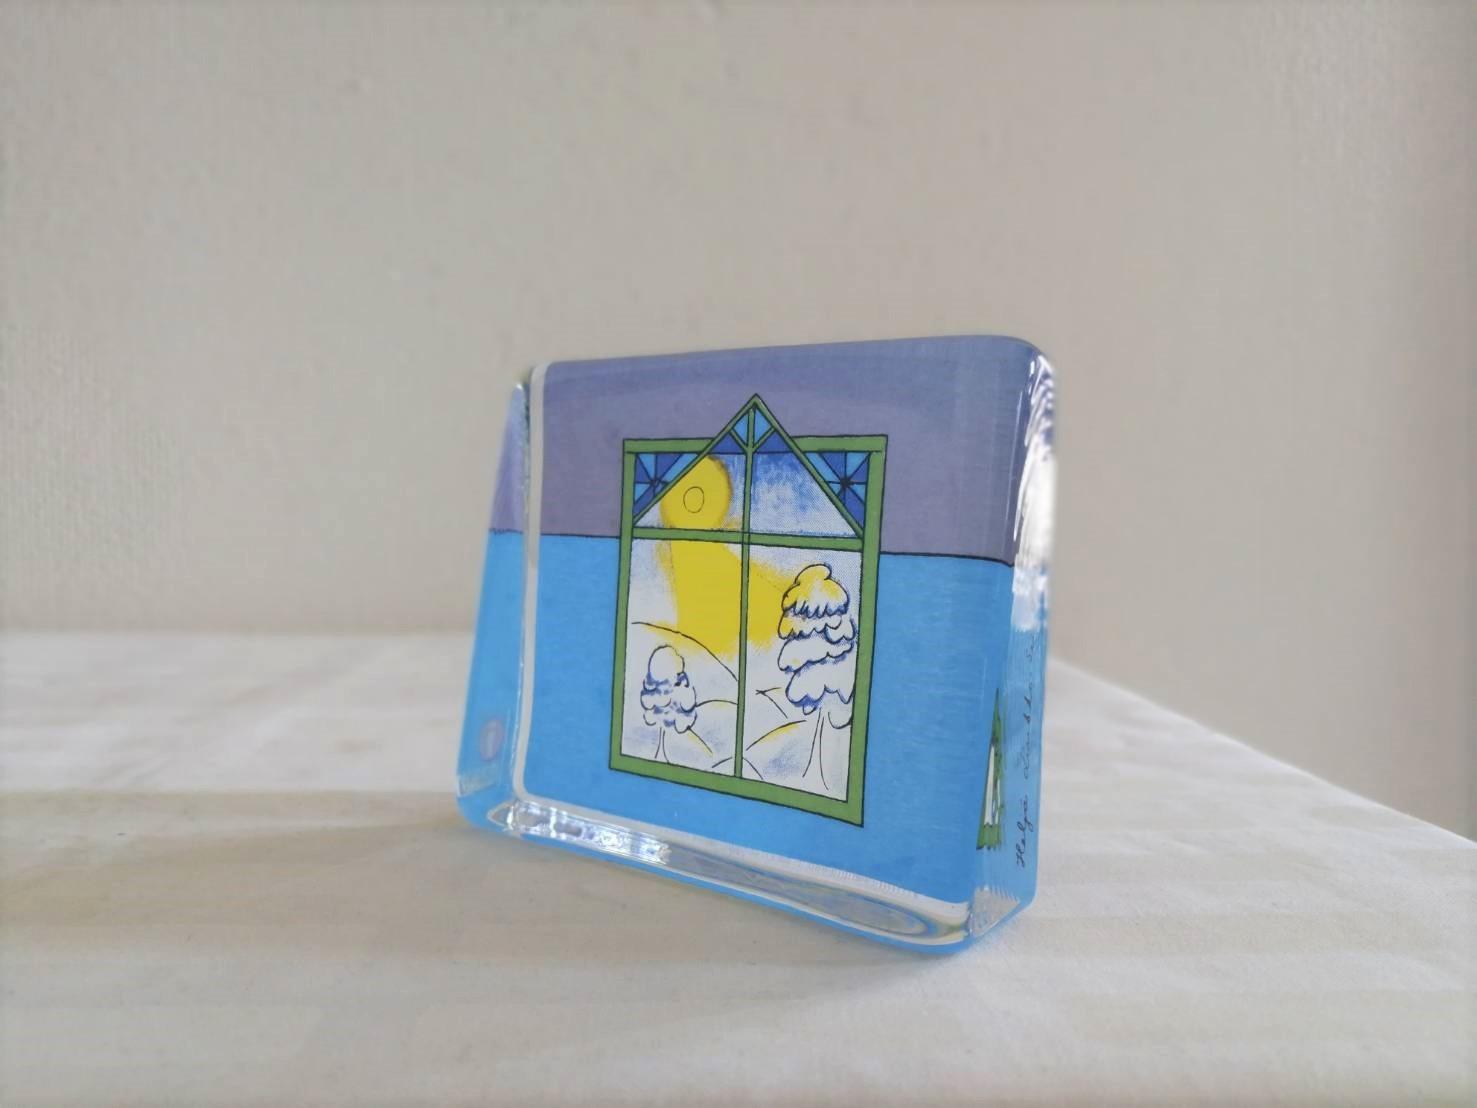 ガラスカード オブジェ / iittala イッタラ ヴィンテージ /窓からの雪景色 / ヘルヤ